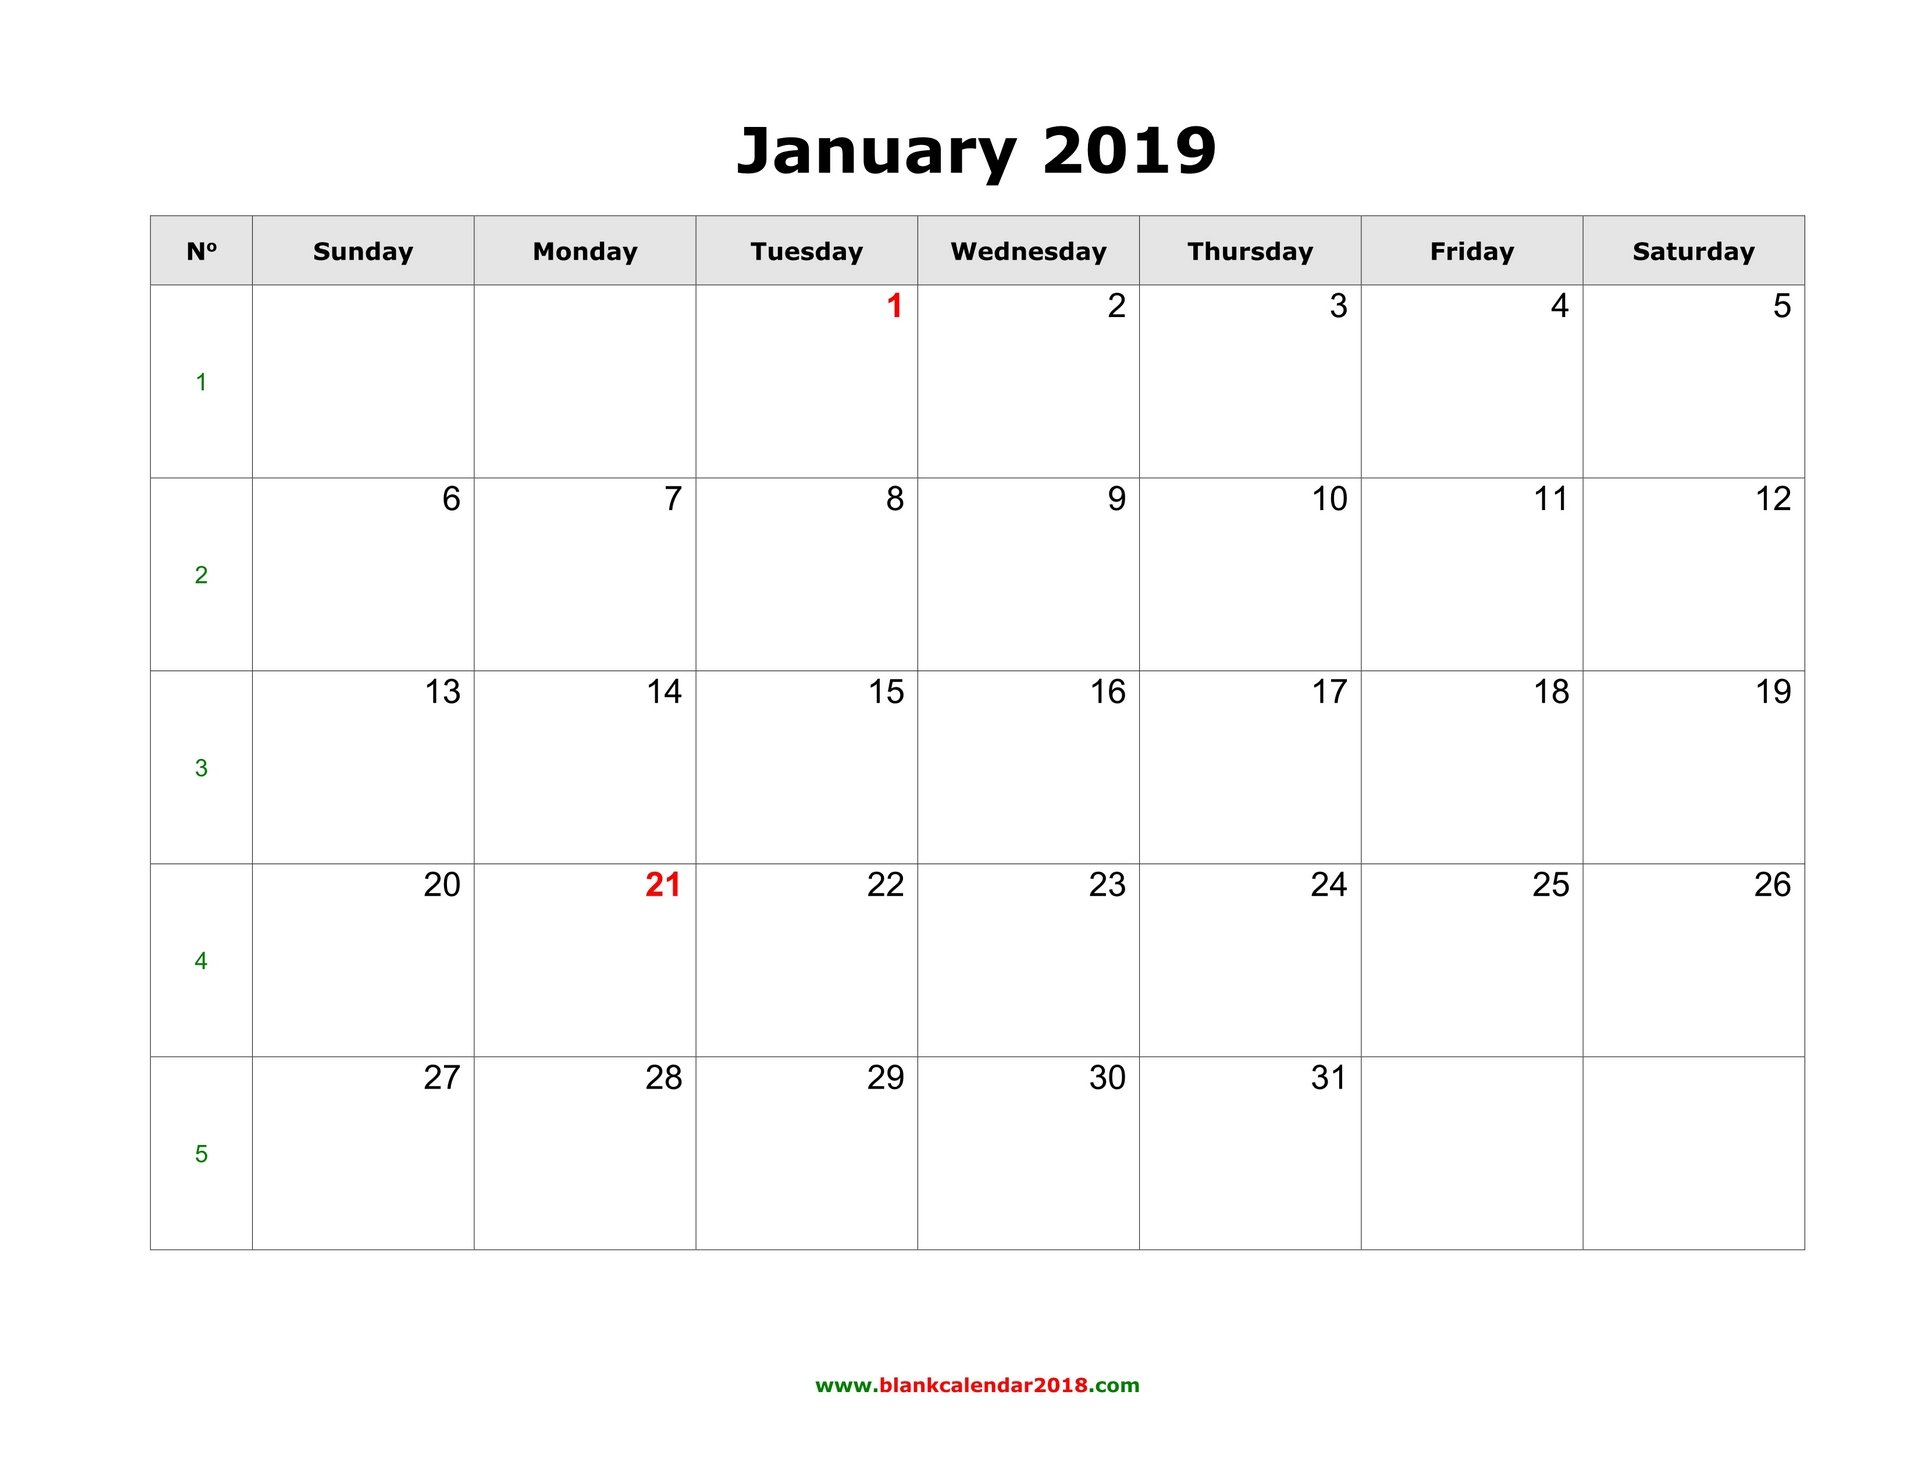 Blank Calendar For January 2019 Calendar 2019 January Printable